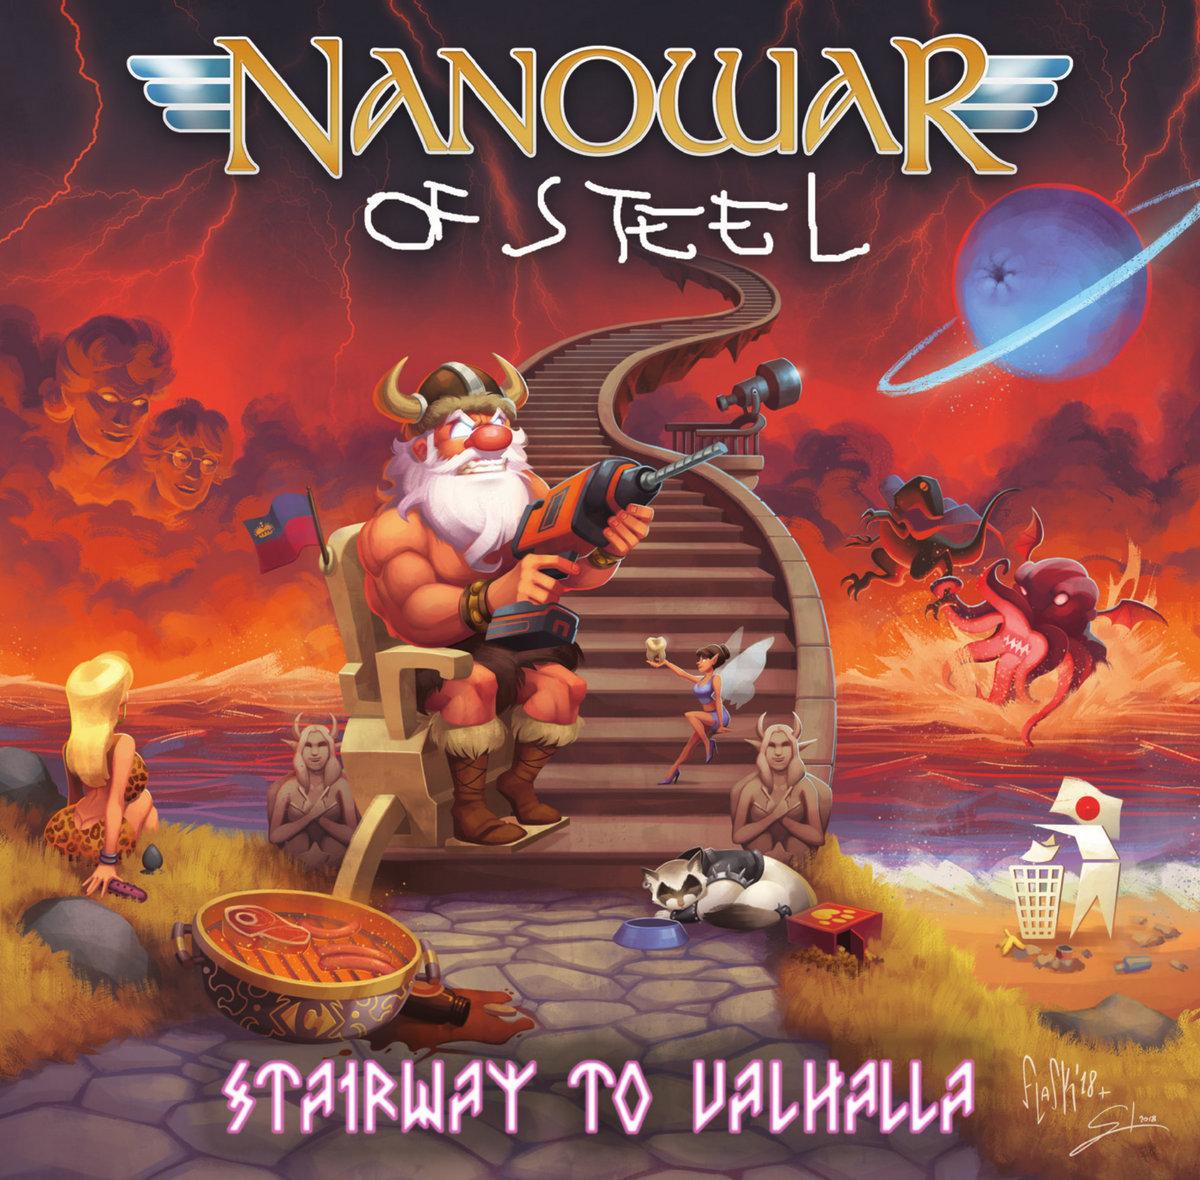 Stairway To Valhalla Nanowar Of Steel Album Cover Artwork